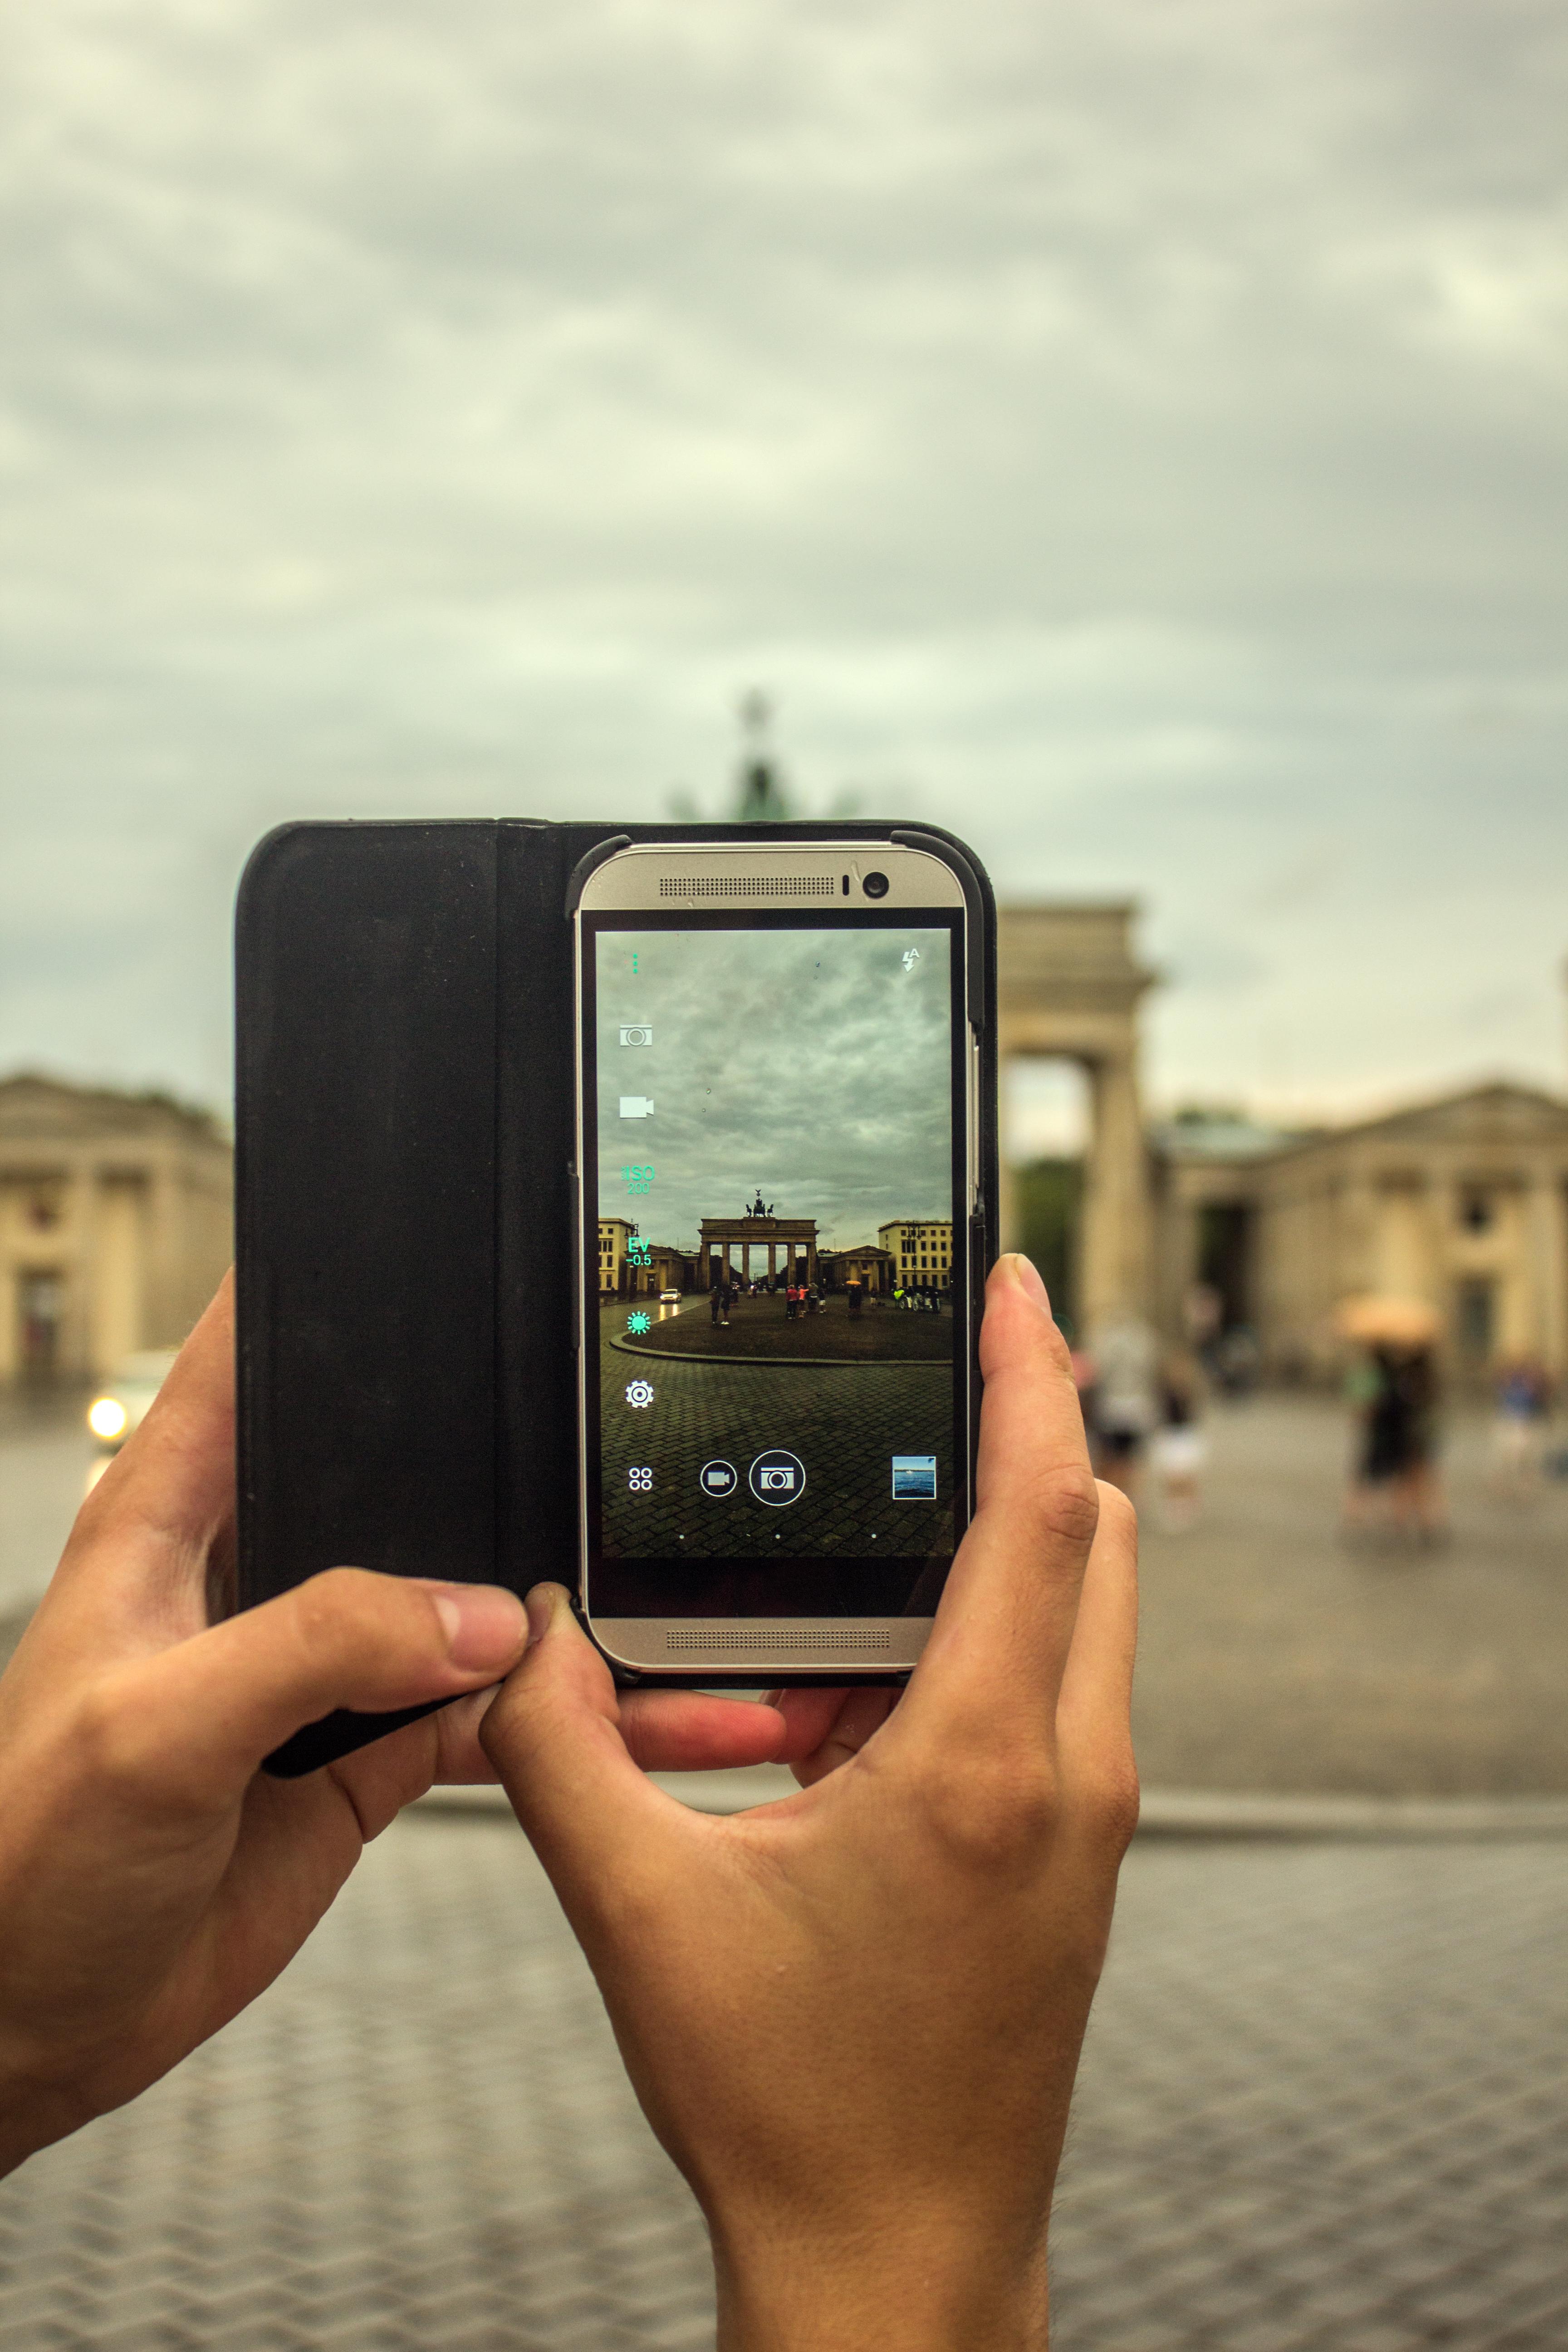 Смартфон фотографирует но показывает фотографии отличии